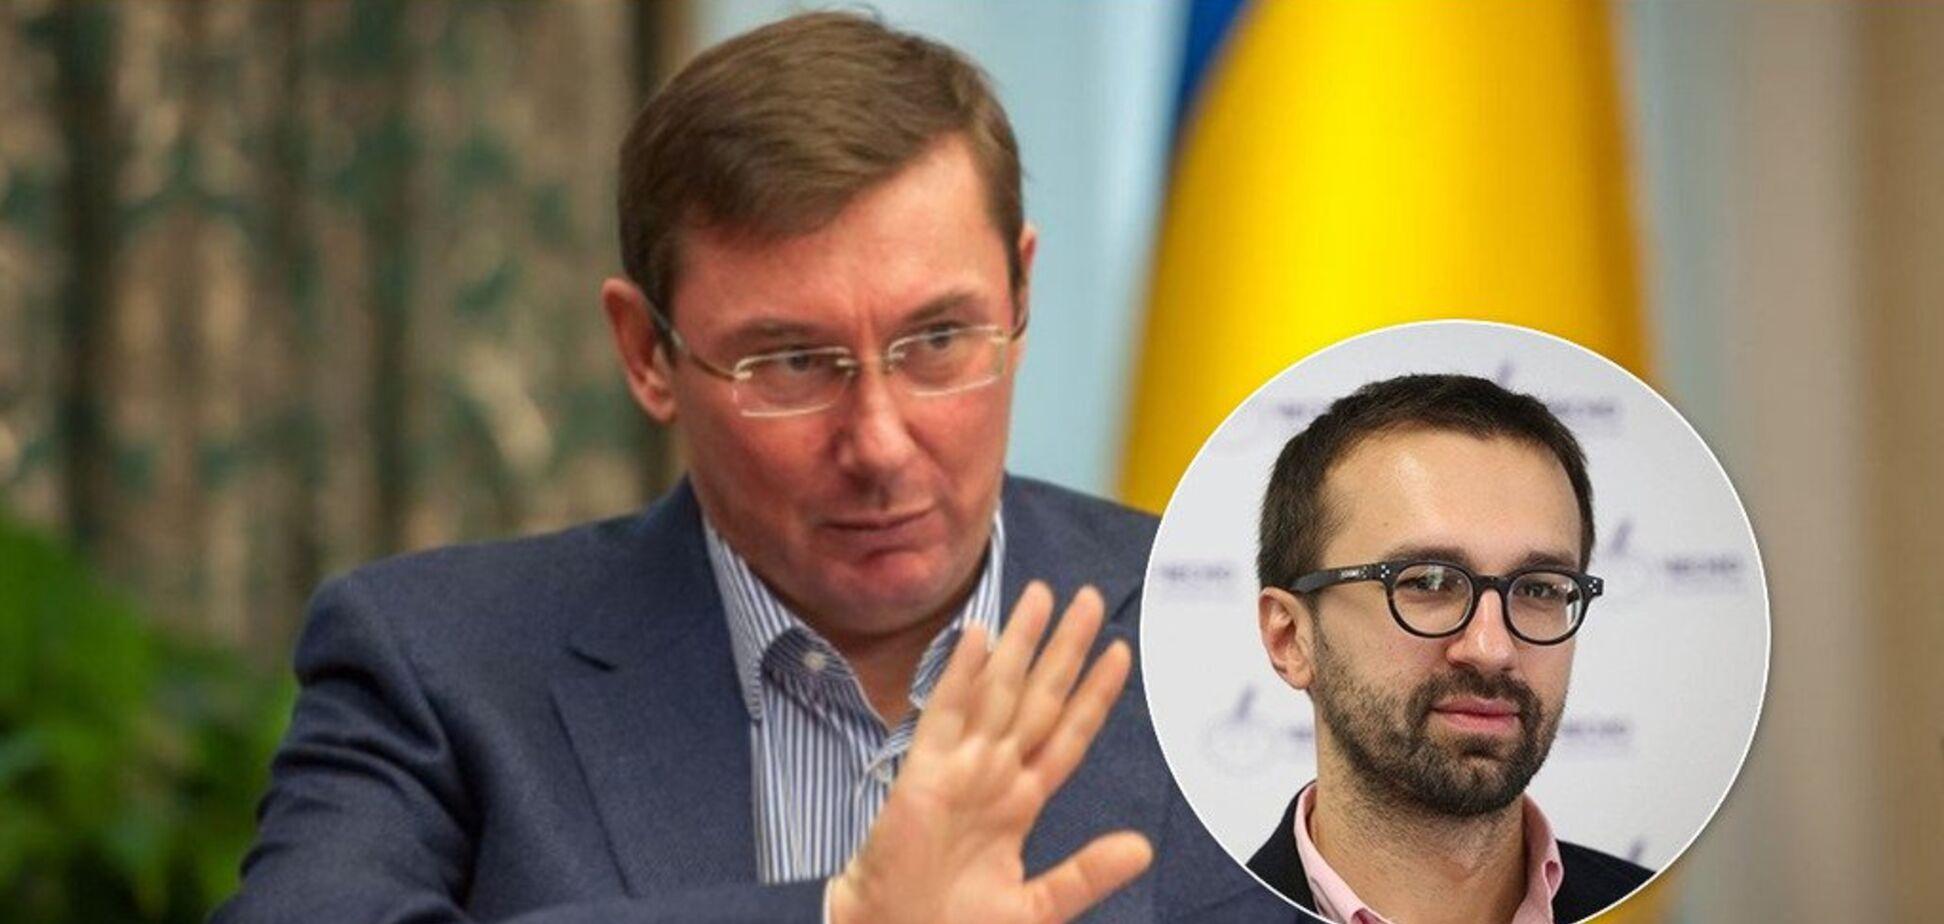 'Политический скунс!' Луценко вызвал Лещенко на допрос, нардеп поставил ультиматум